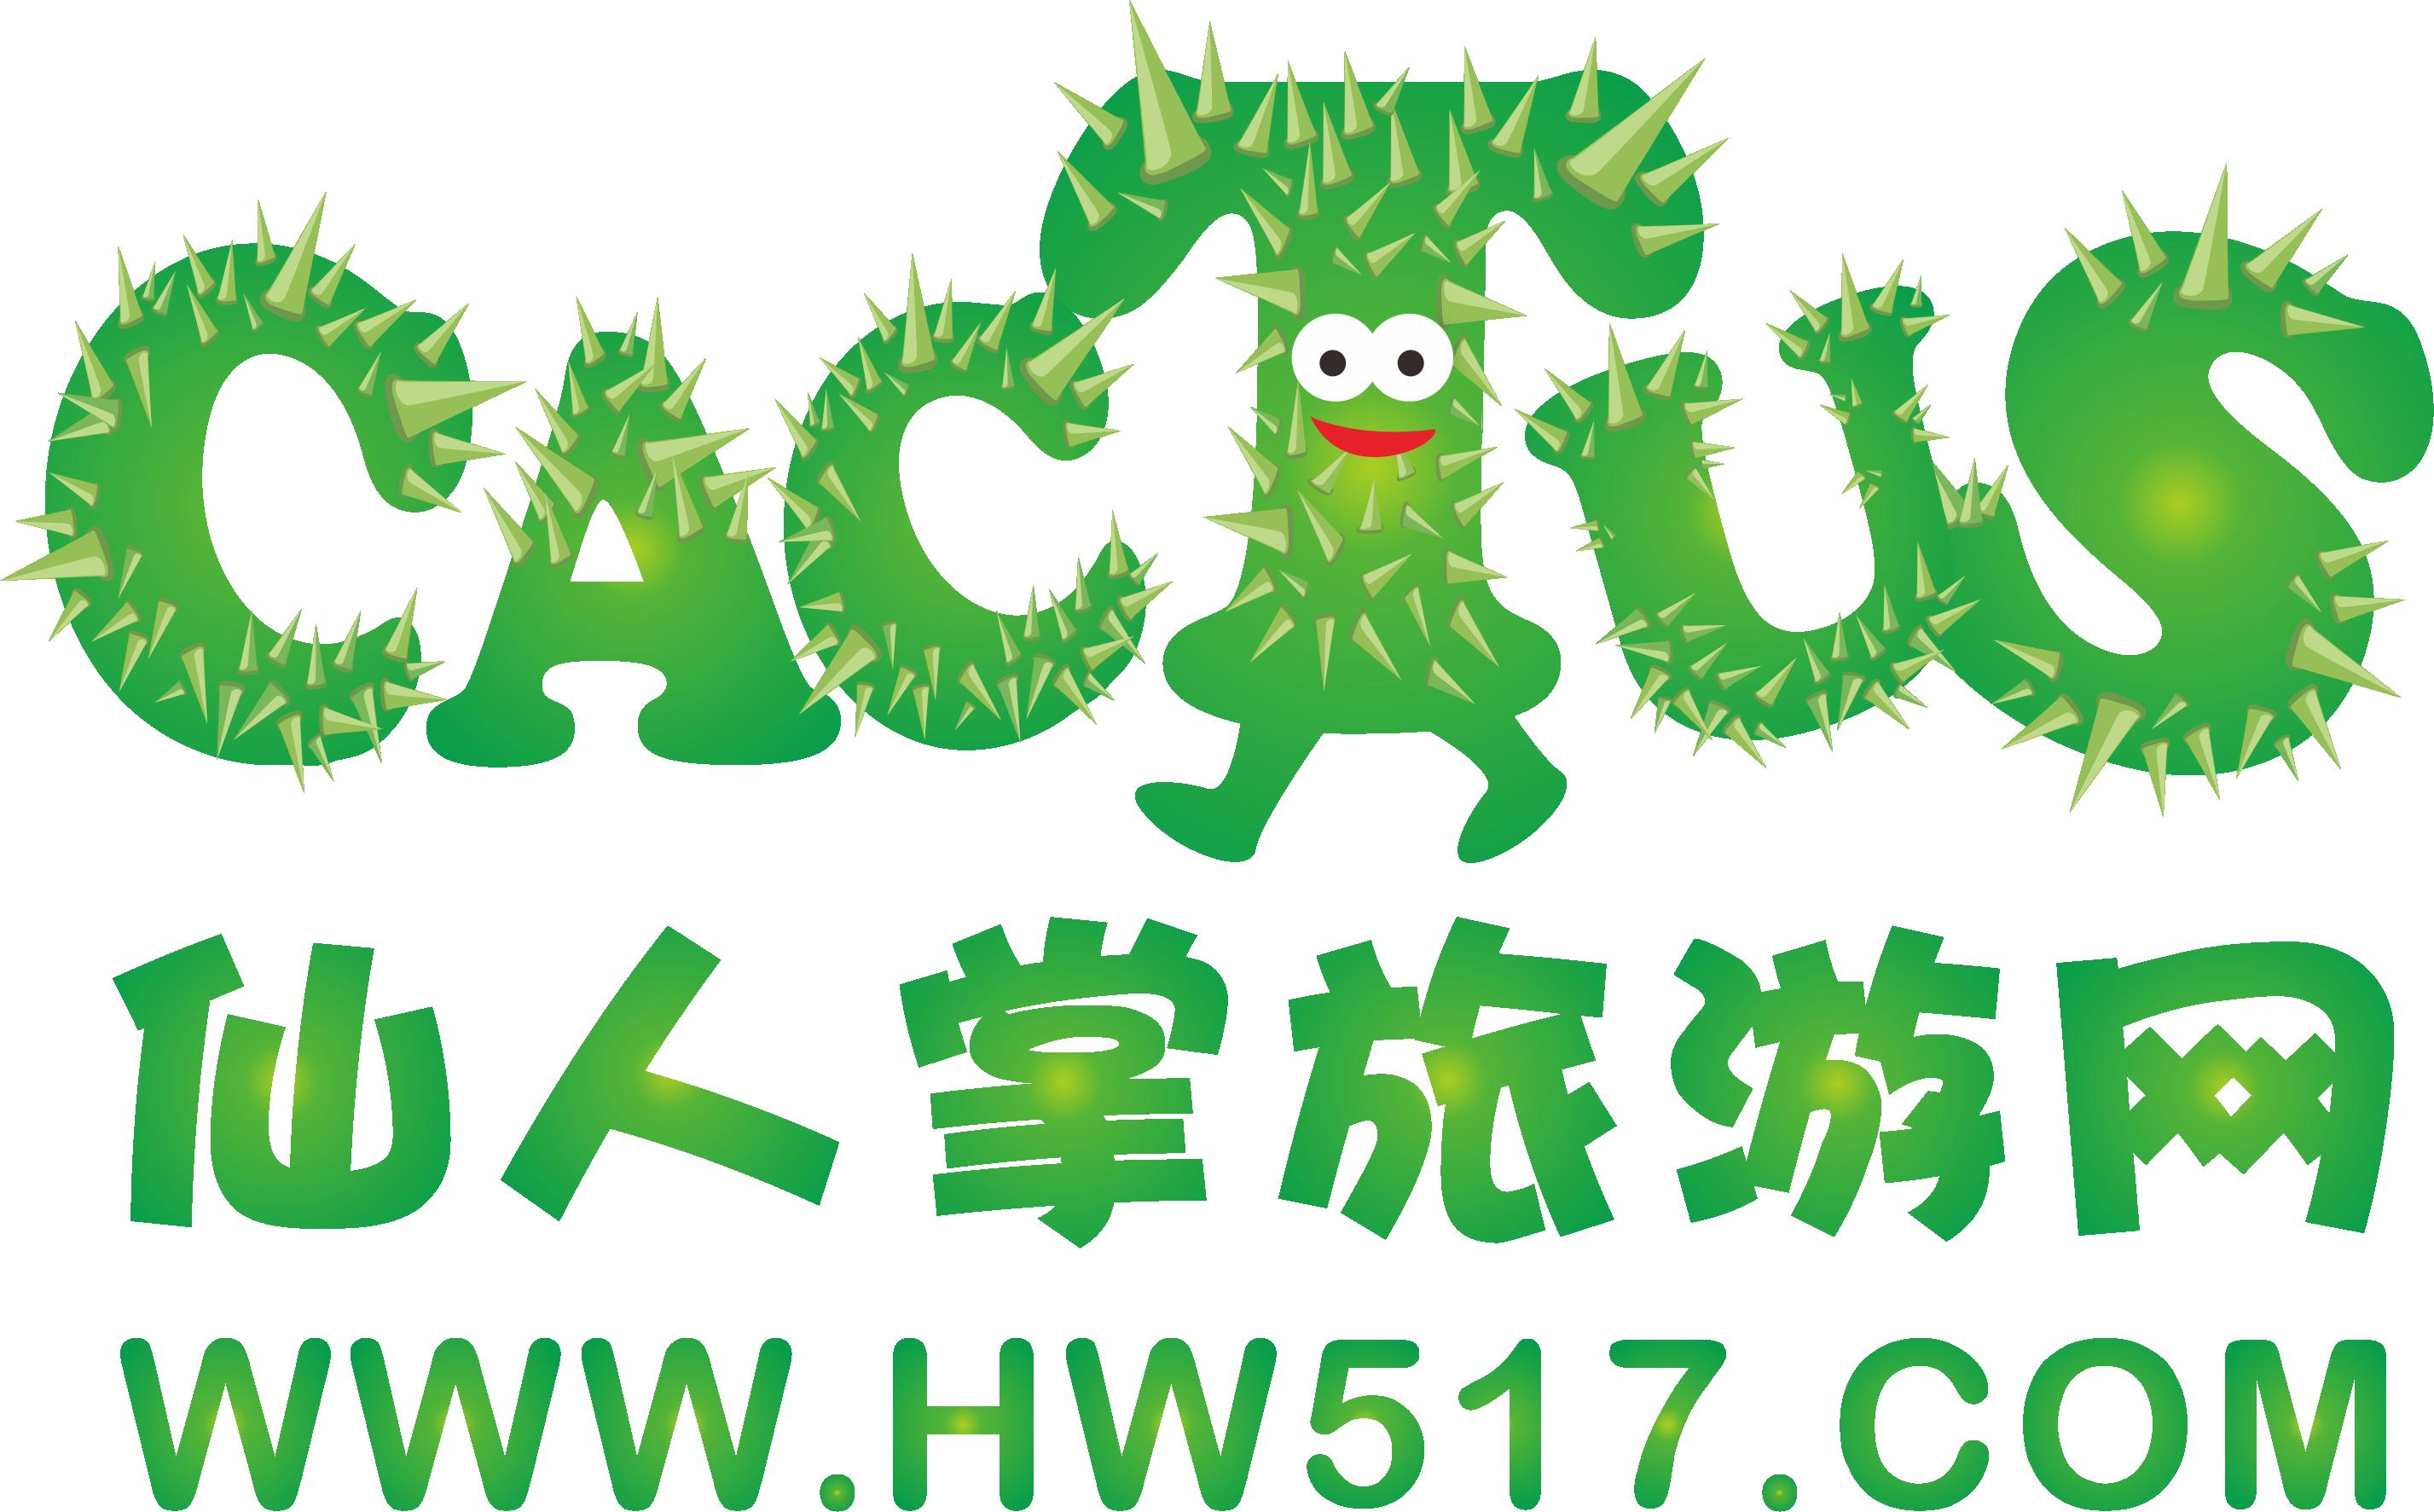 【新春·尊享】日本东京北海道双城尊享六日游